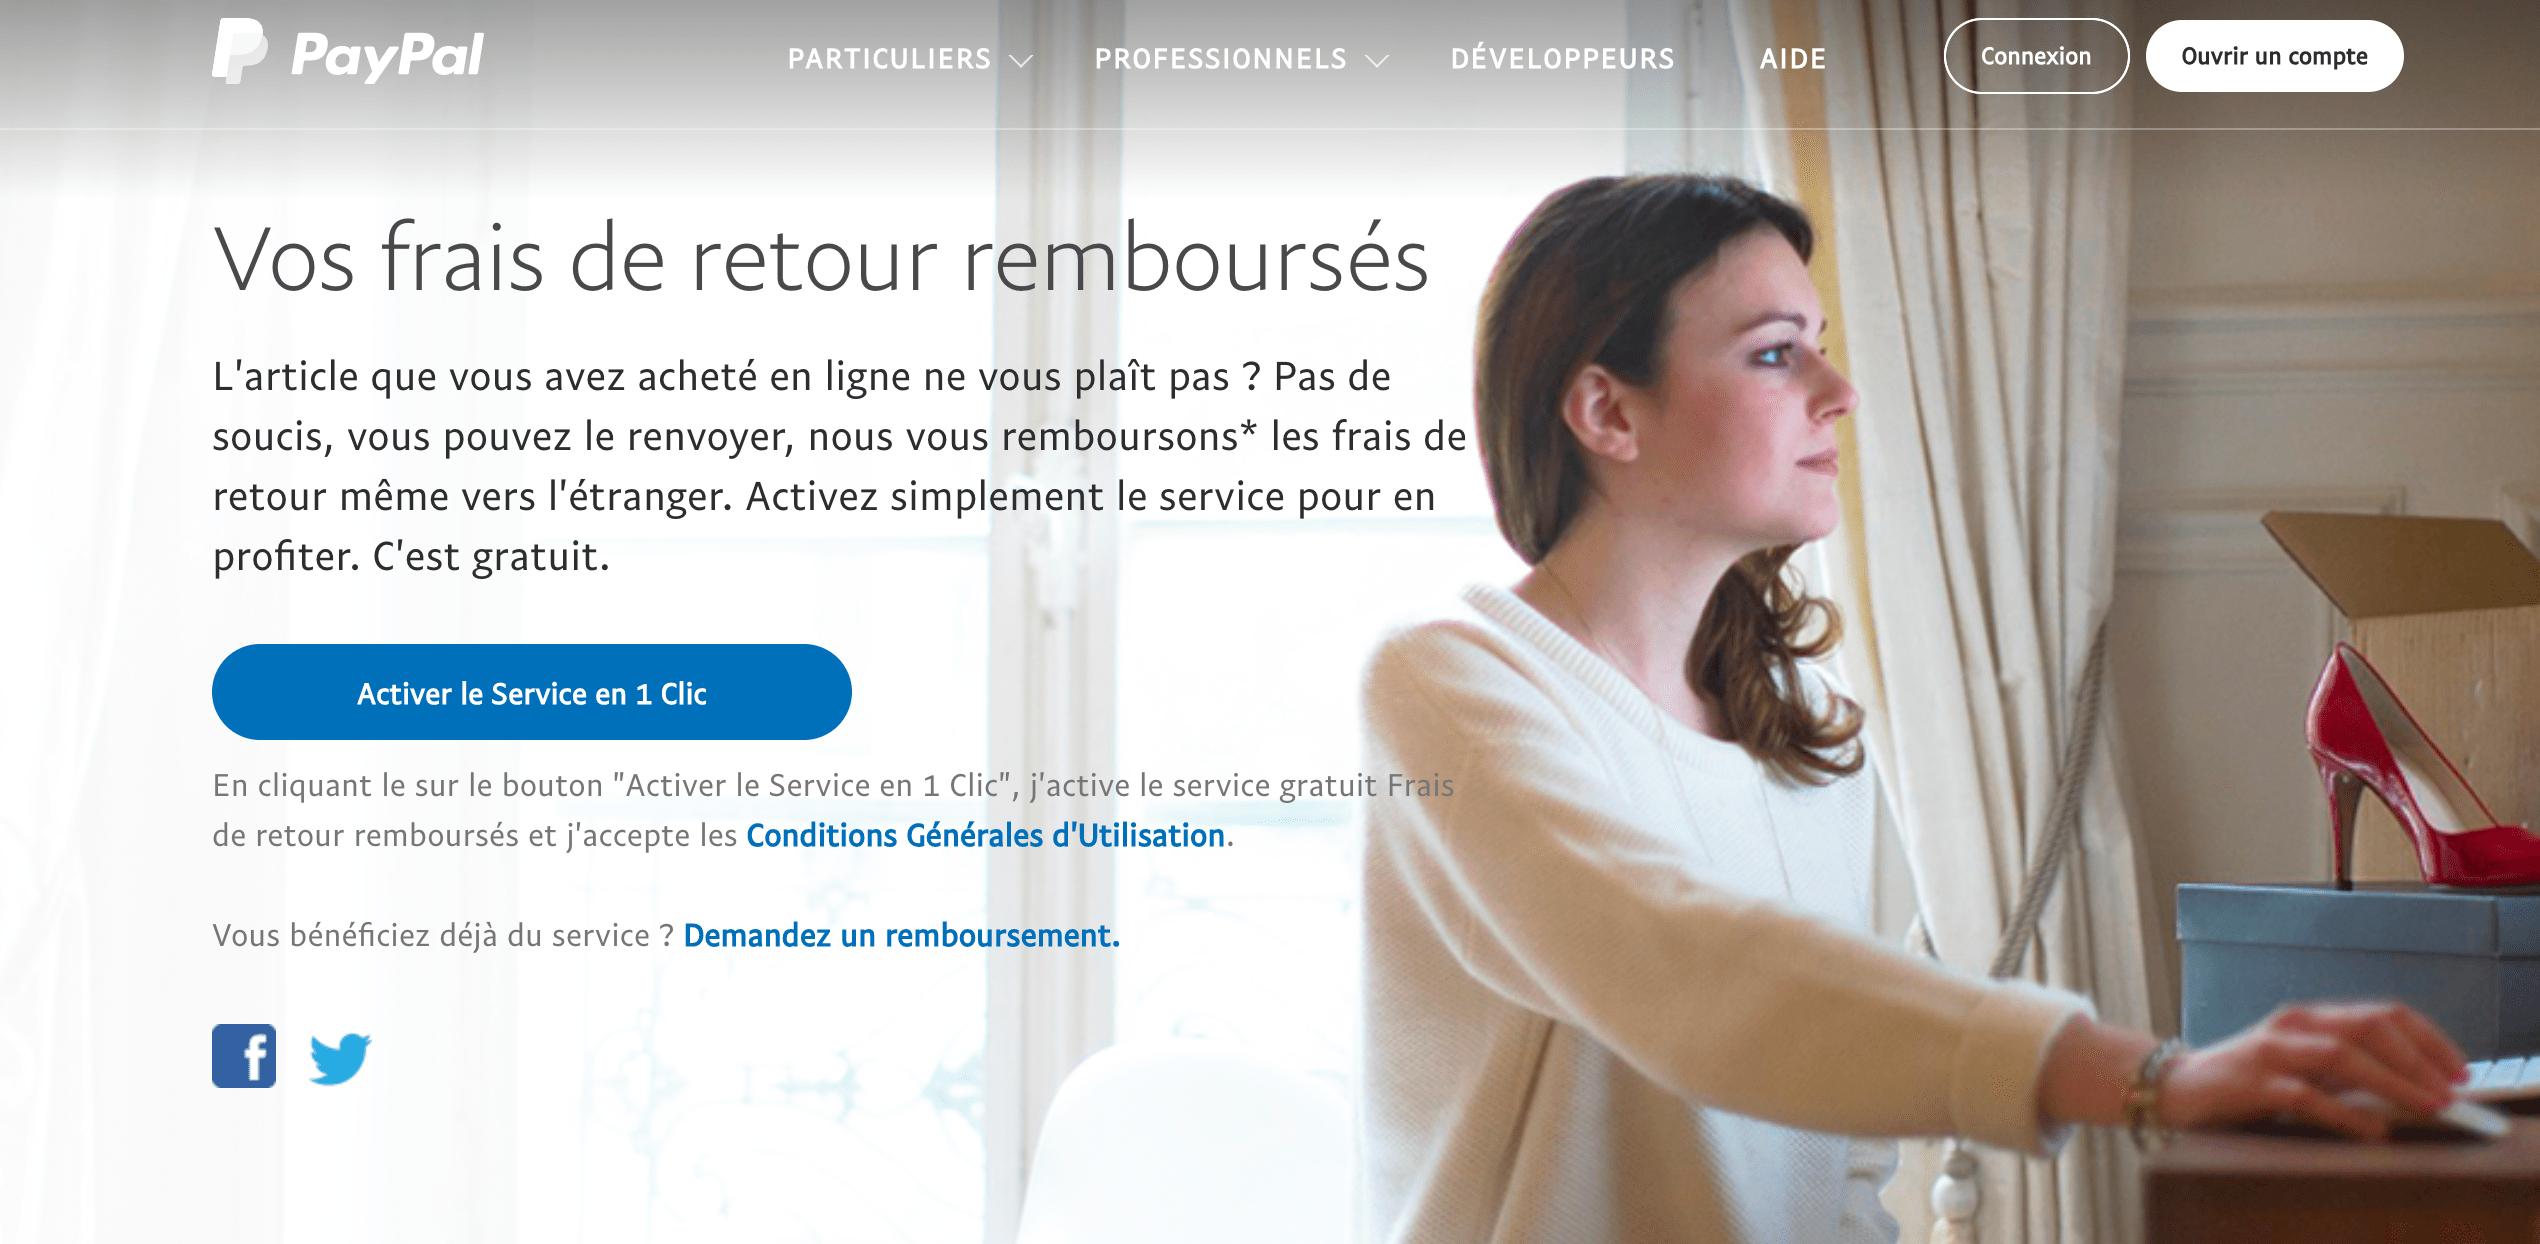 PayPal: saviez-vous qu'il est possible de vous faire rembourser les frais de retour?